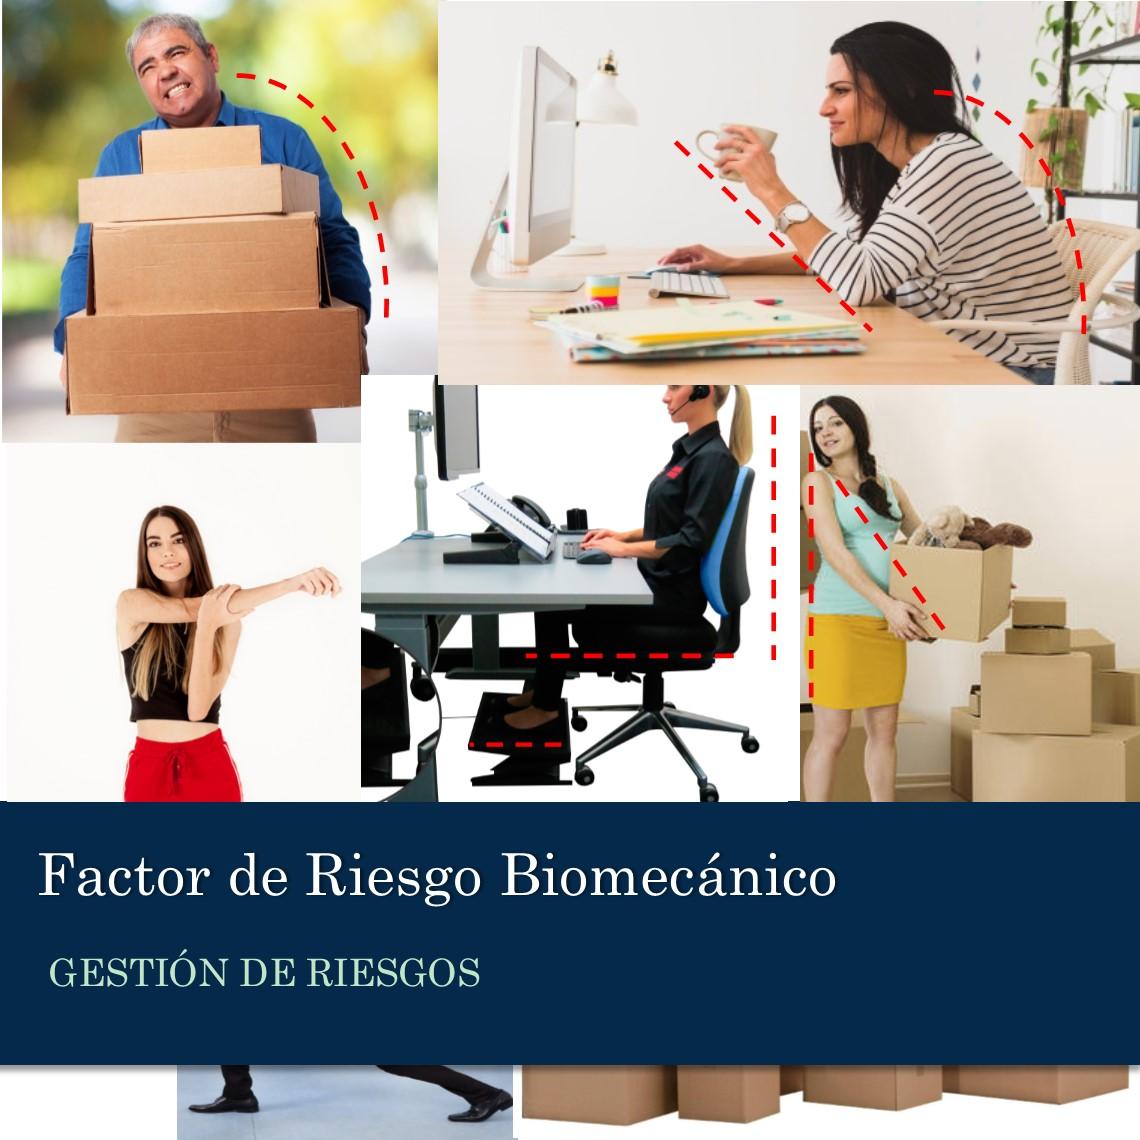 Factor de Riesgo Biomecánico